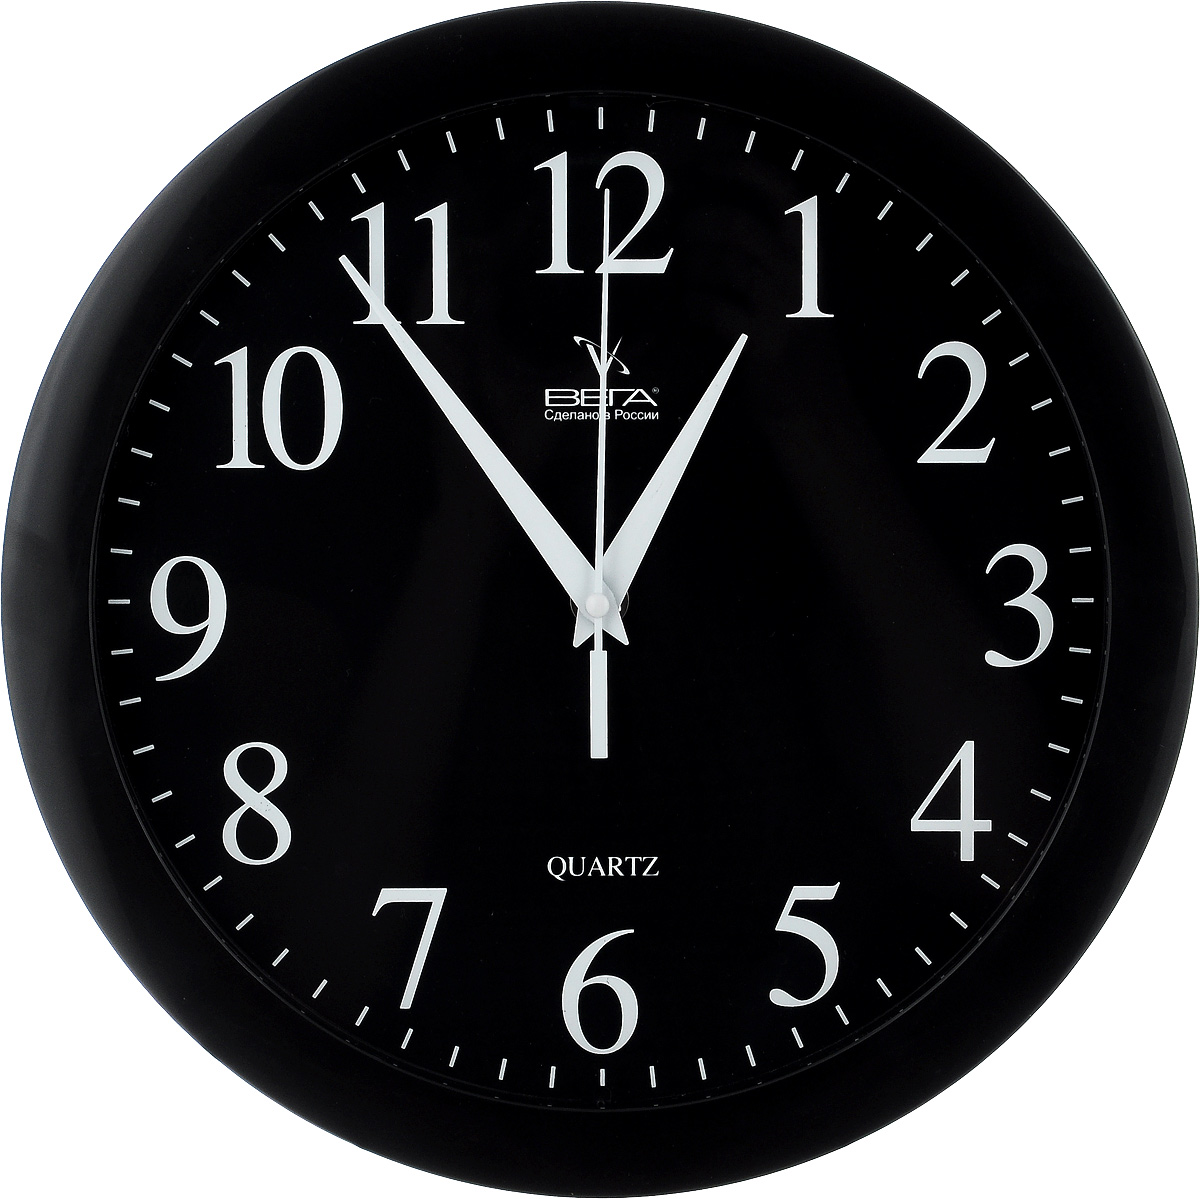 Часы настенные Вега Классика, цвет: черный, диаметр 28,5 см. П1-6П1-6/6-6Настенные кварцевые часы Вега Классика, изготовленные из пластика, прекрасно впишутся в интерьервашего дома. Круглые часы имеют три стрелки: часовую,минутную и секундную, циферблат защищен прозрачным стеклом.Часы работают от 1 батарейки типа АА напряжением 1,5 В (не входит в комплект).Диаметр часов: 28,5 см.